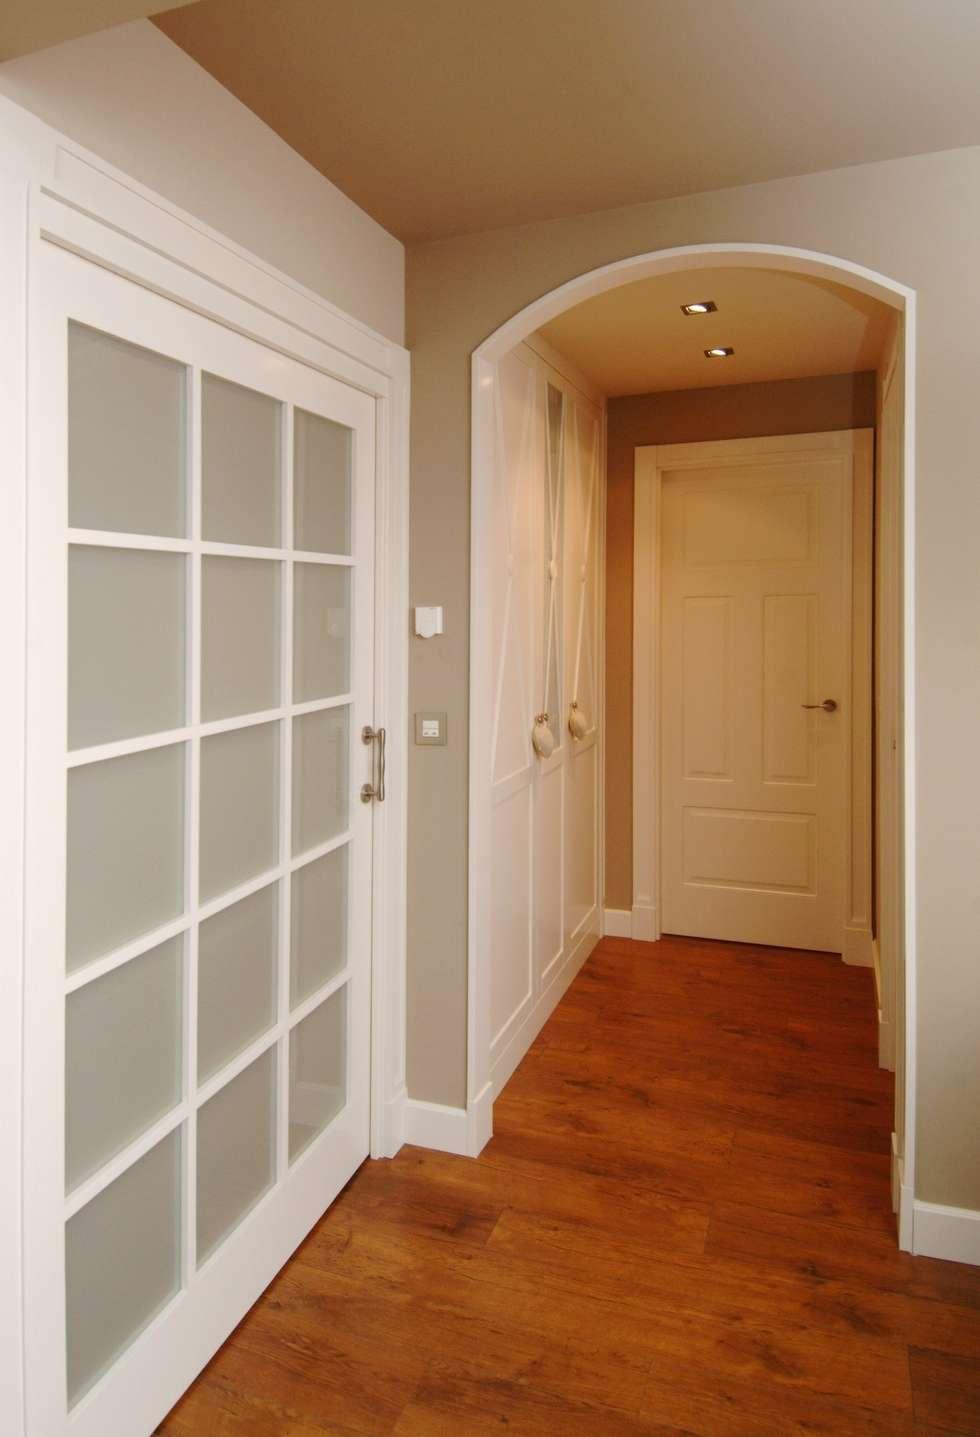 Puertas Lacadas En Blanco Opiniones Las Puertas Blancas Con  ~ Puertas Blancas Lacadas O Pintadas